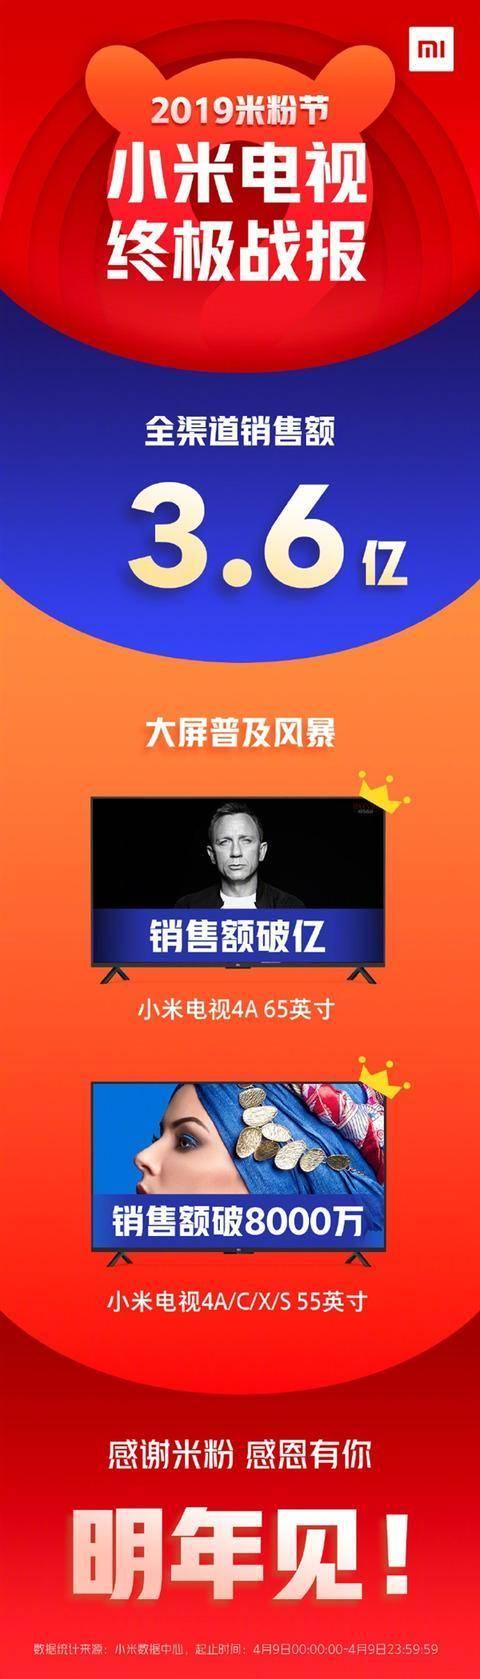 手机对比,小米电视米粉节终极战报发布:全途径销售额3.6亿元!,广东省人民医院